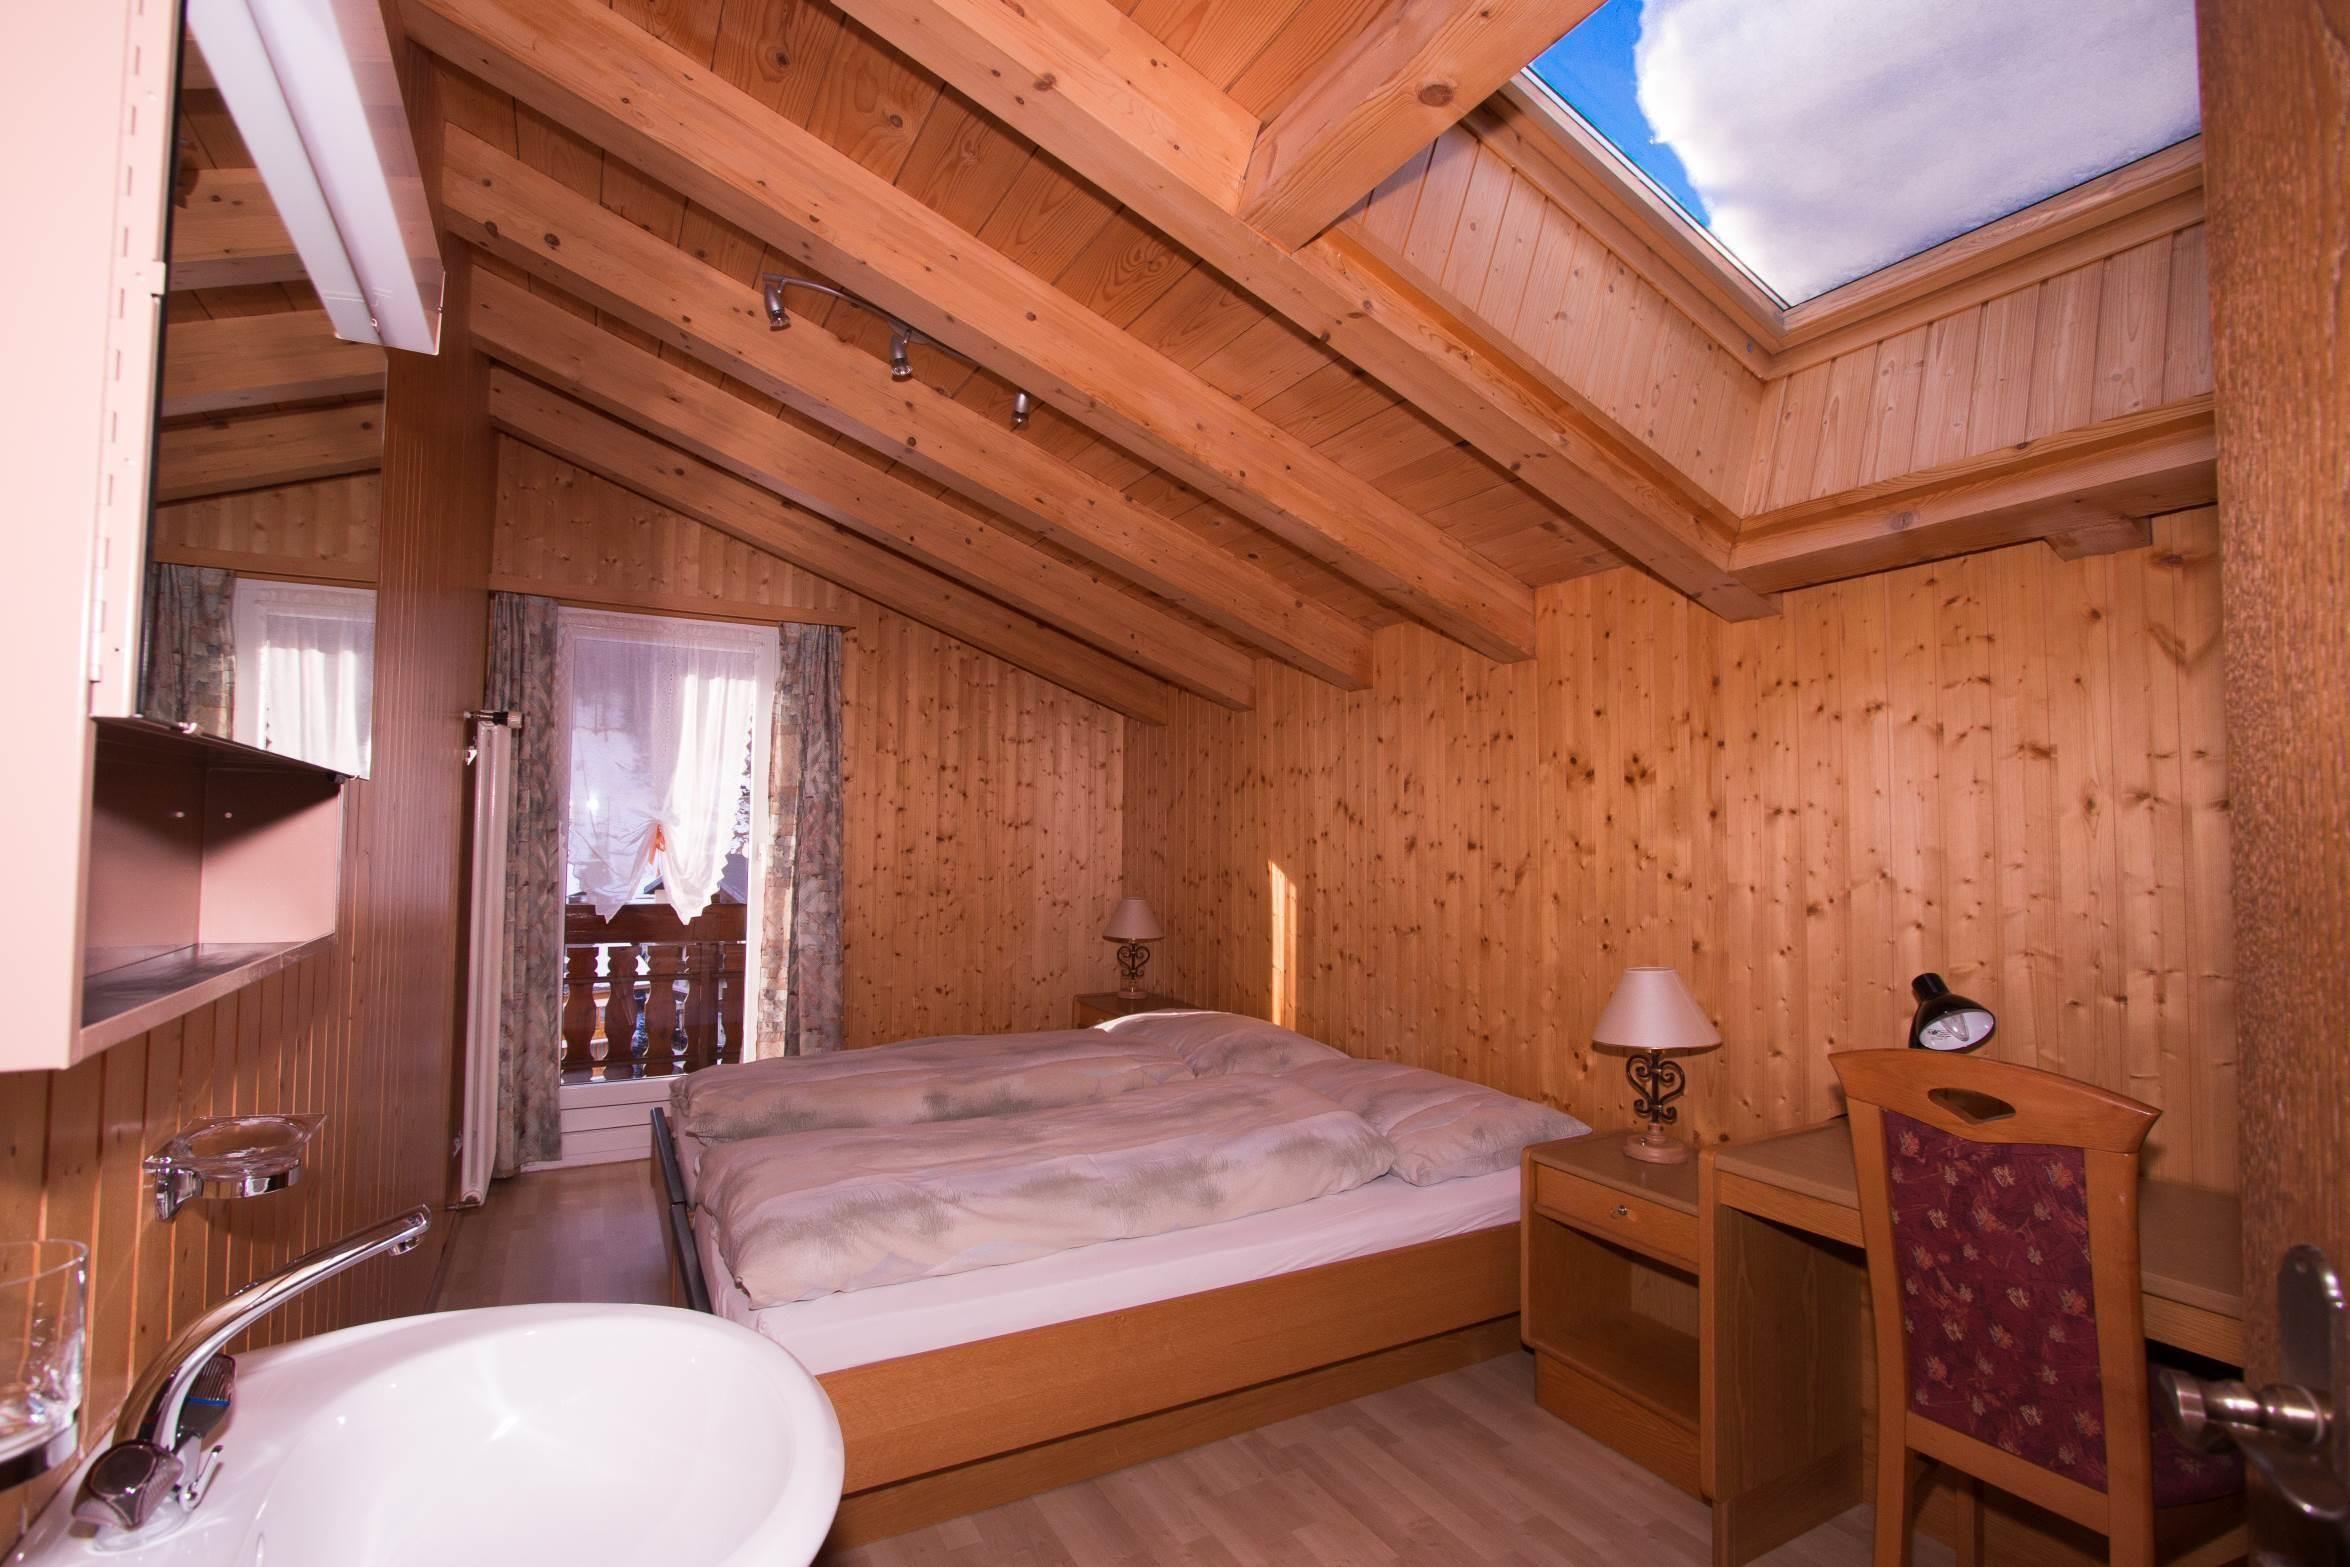 Doppelzimmer mit Lavabo - Ferienwohnung Alphubel -